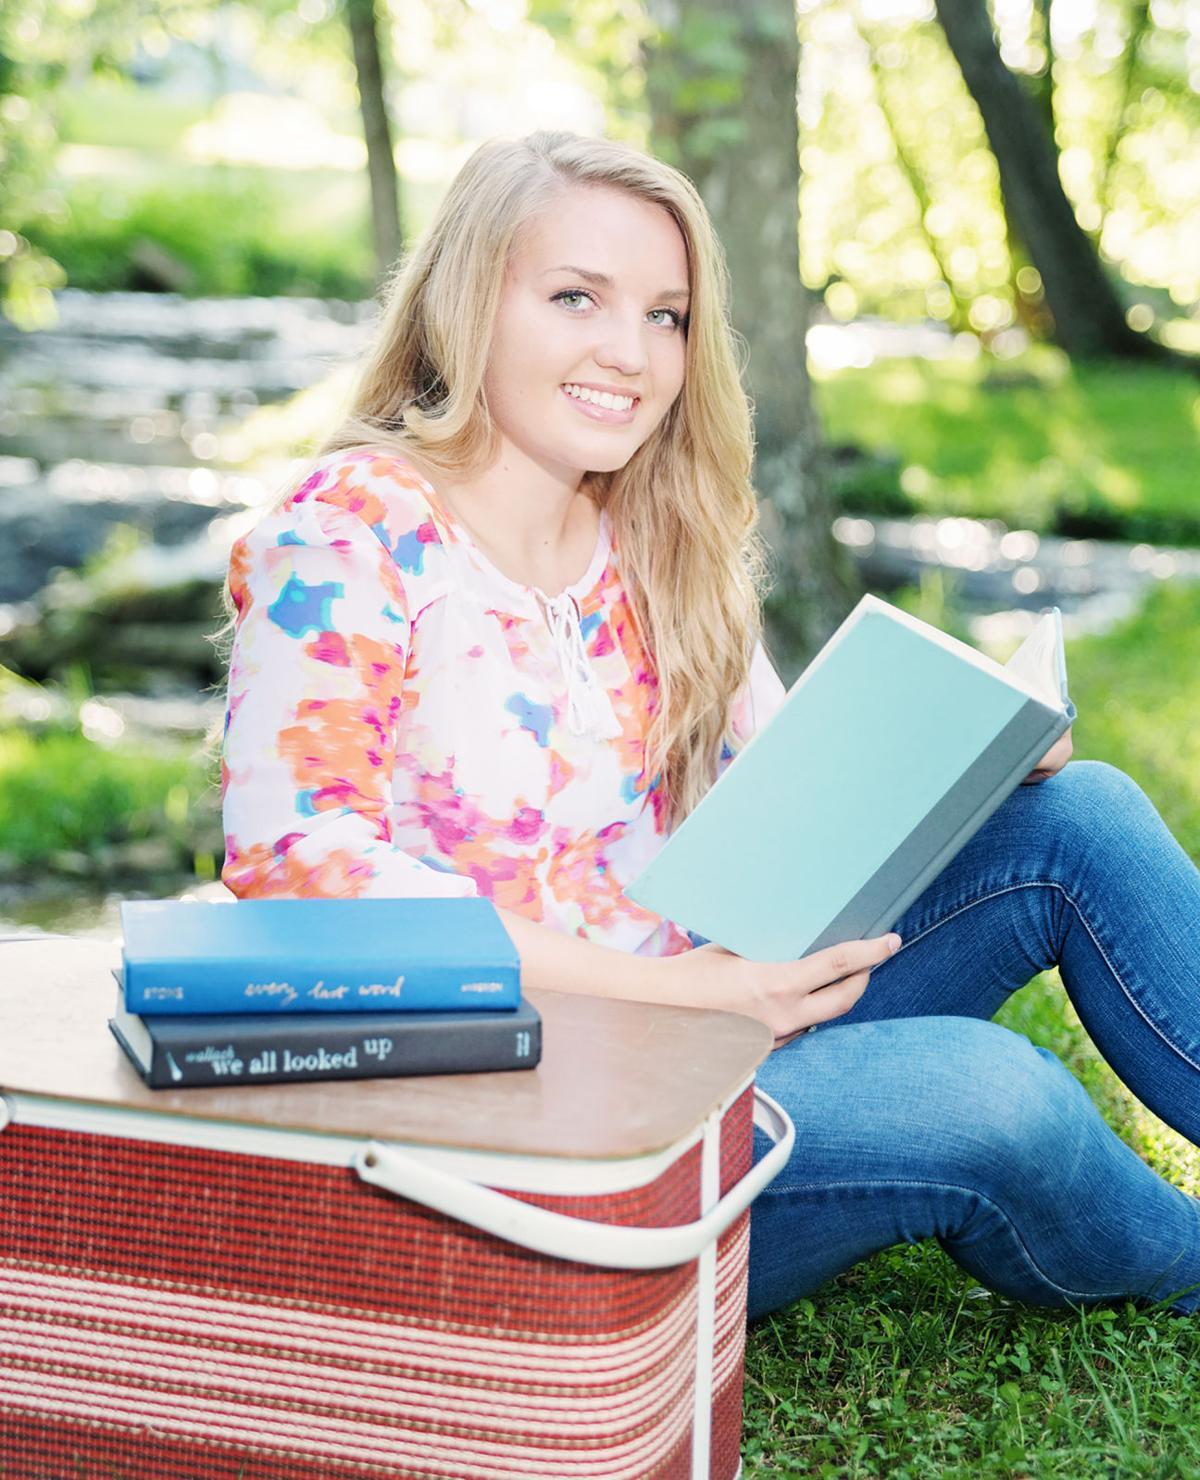 Calendar Girl April Kindle : Our april calendar girl local news greenevillesun